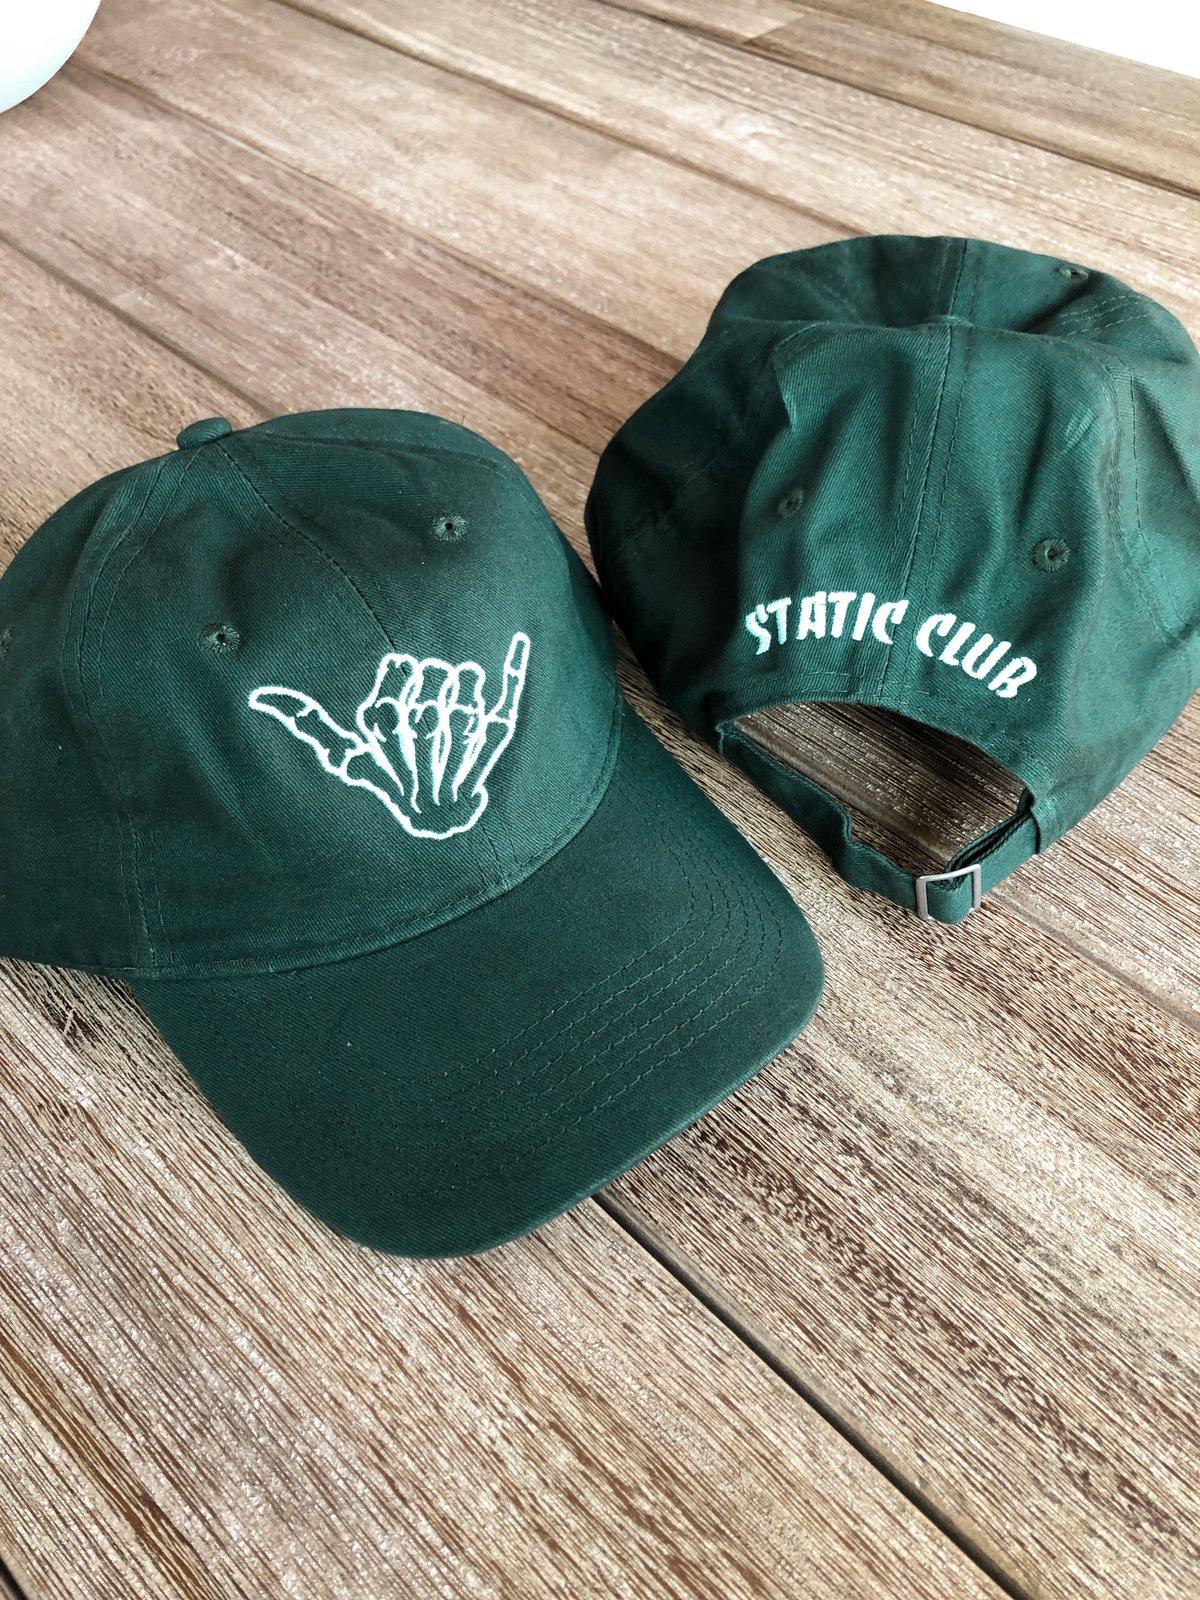 Static Club Dad Hat